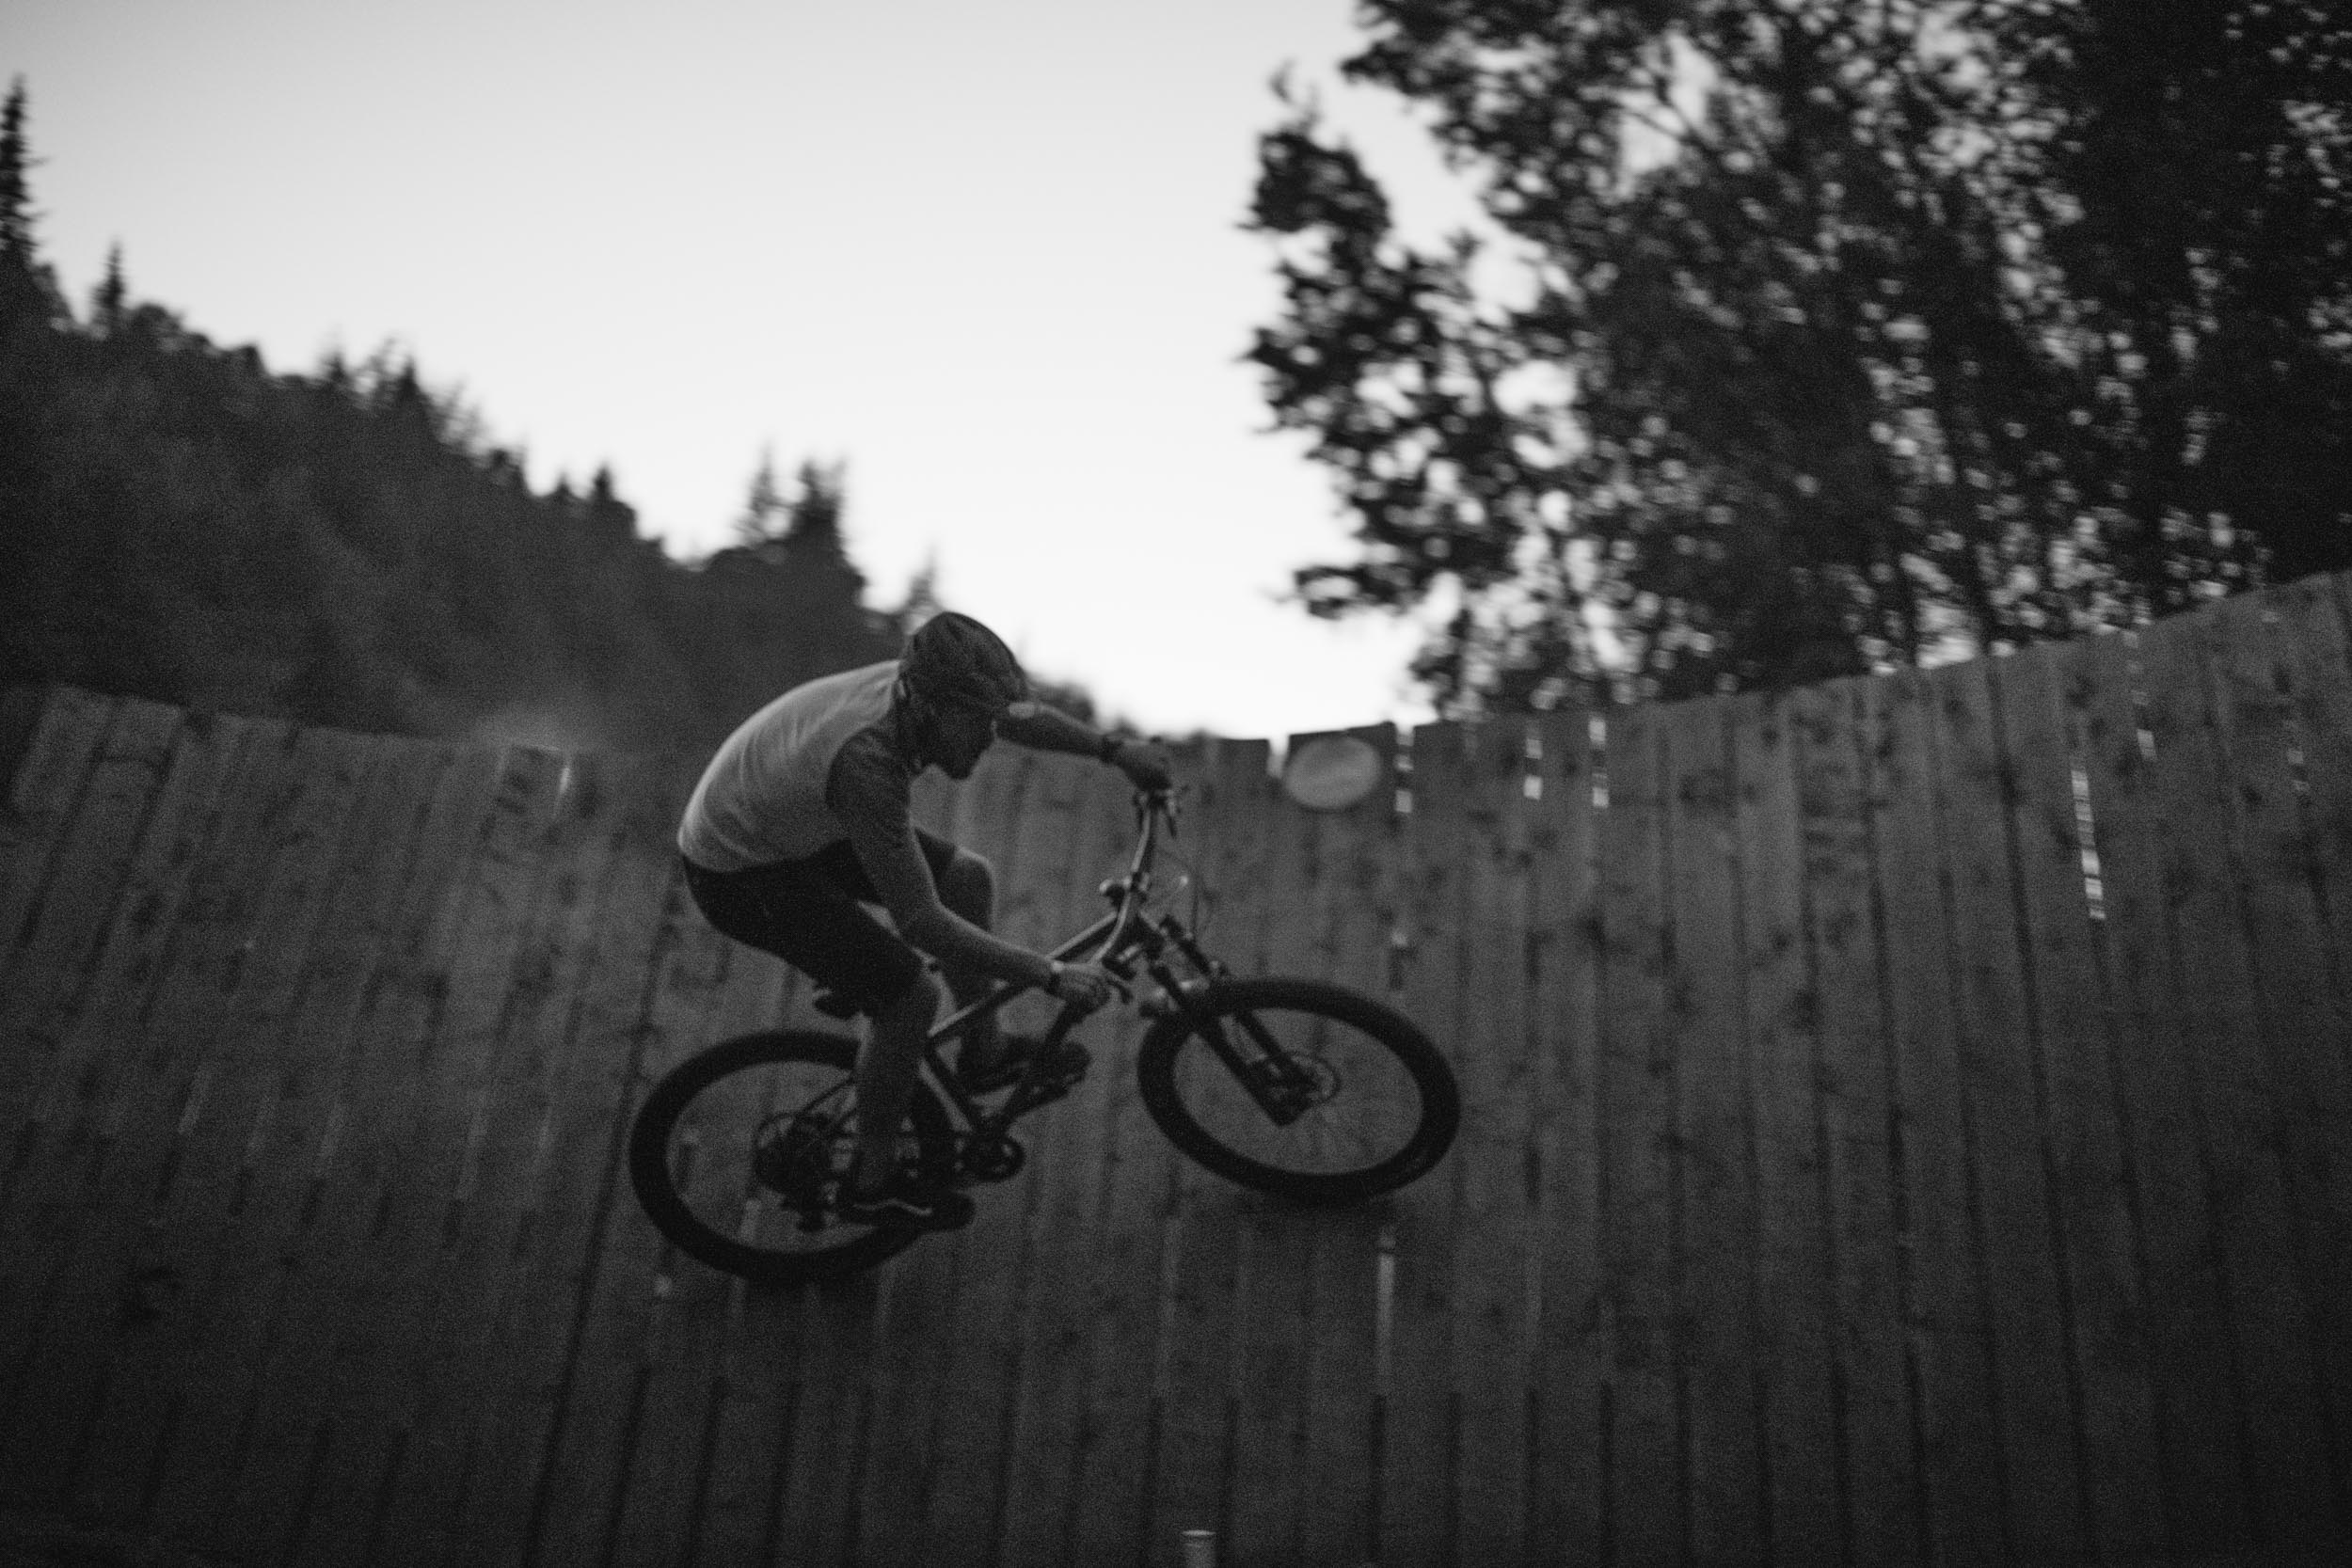 COBRA_Racing_Gateway_Miguel_BW_9.jpg